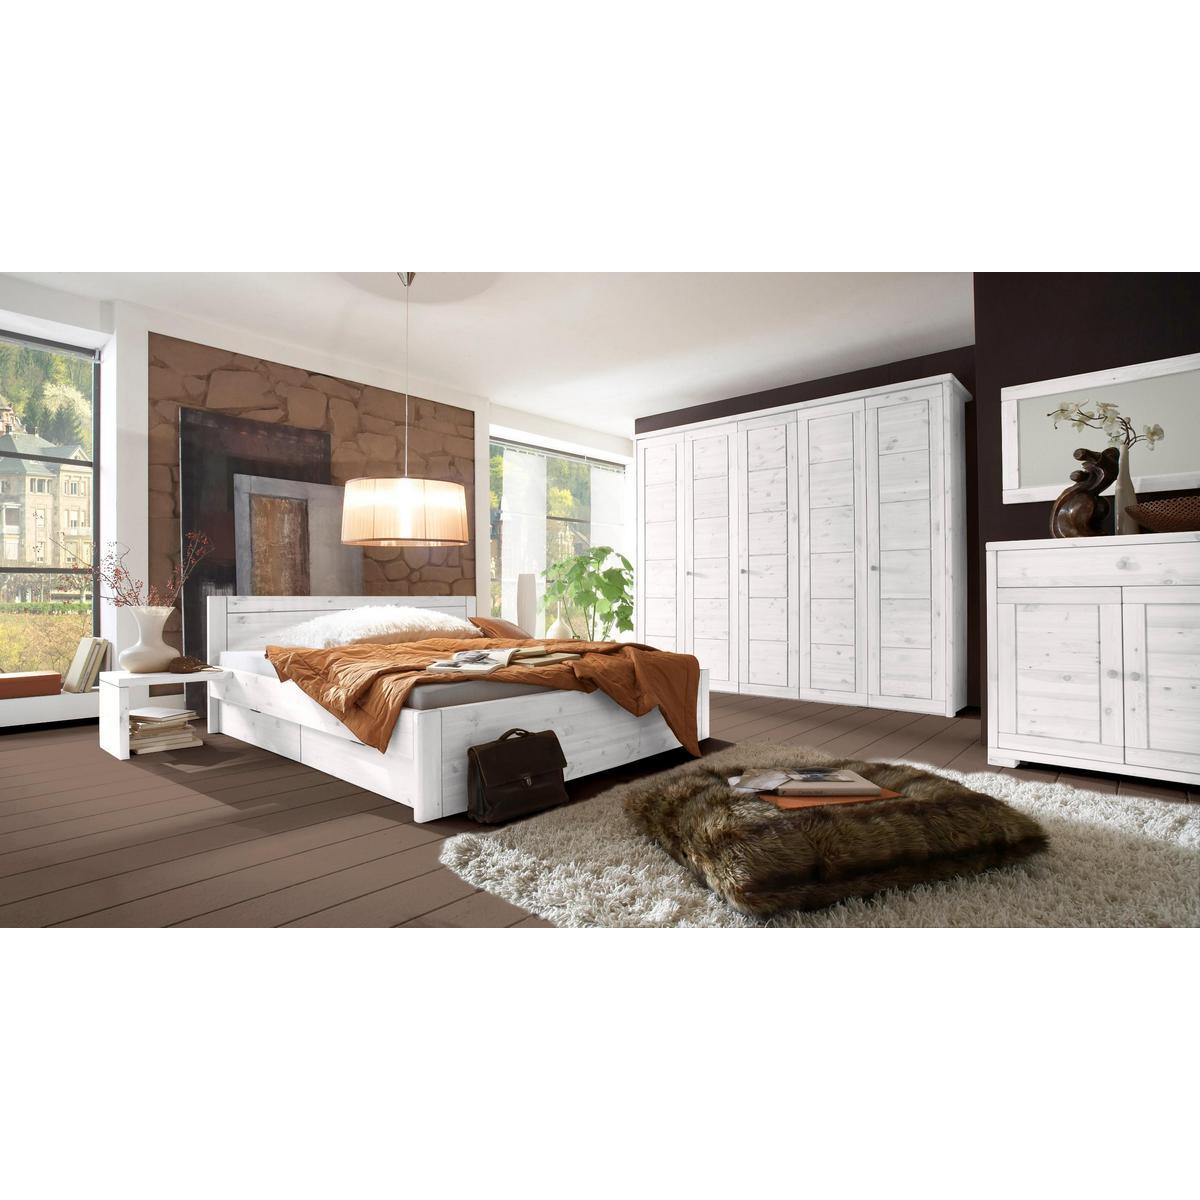 Komplett Bett 180X200 mit nett stil für ihr haus ideen